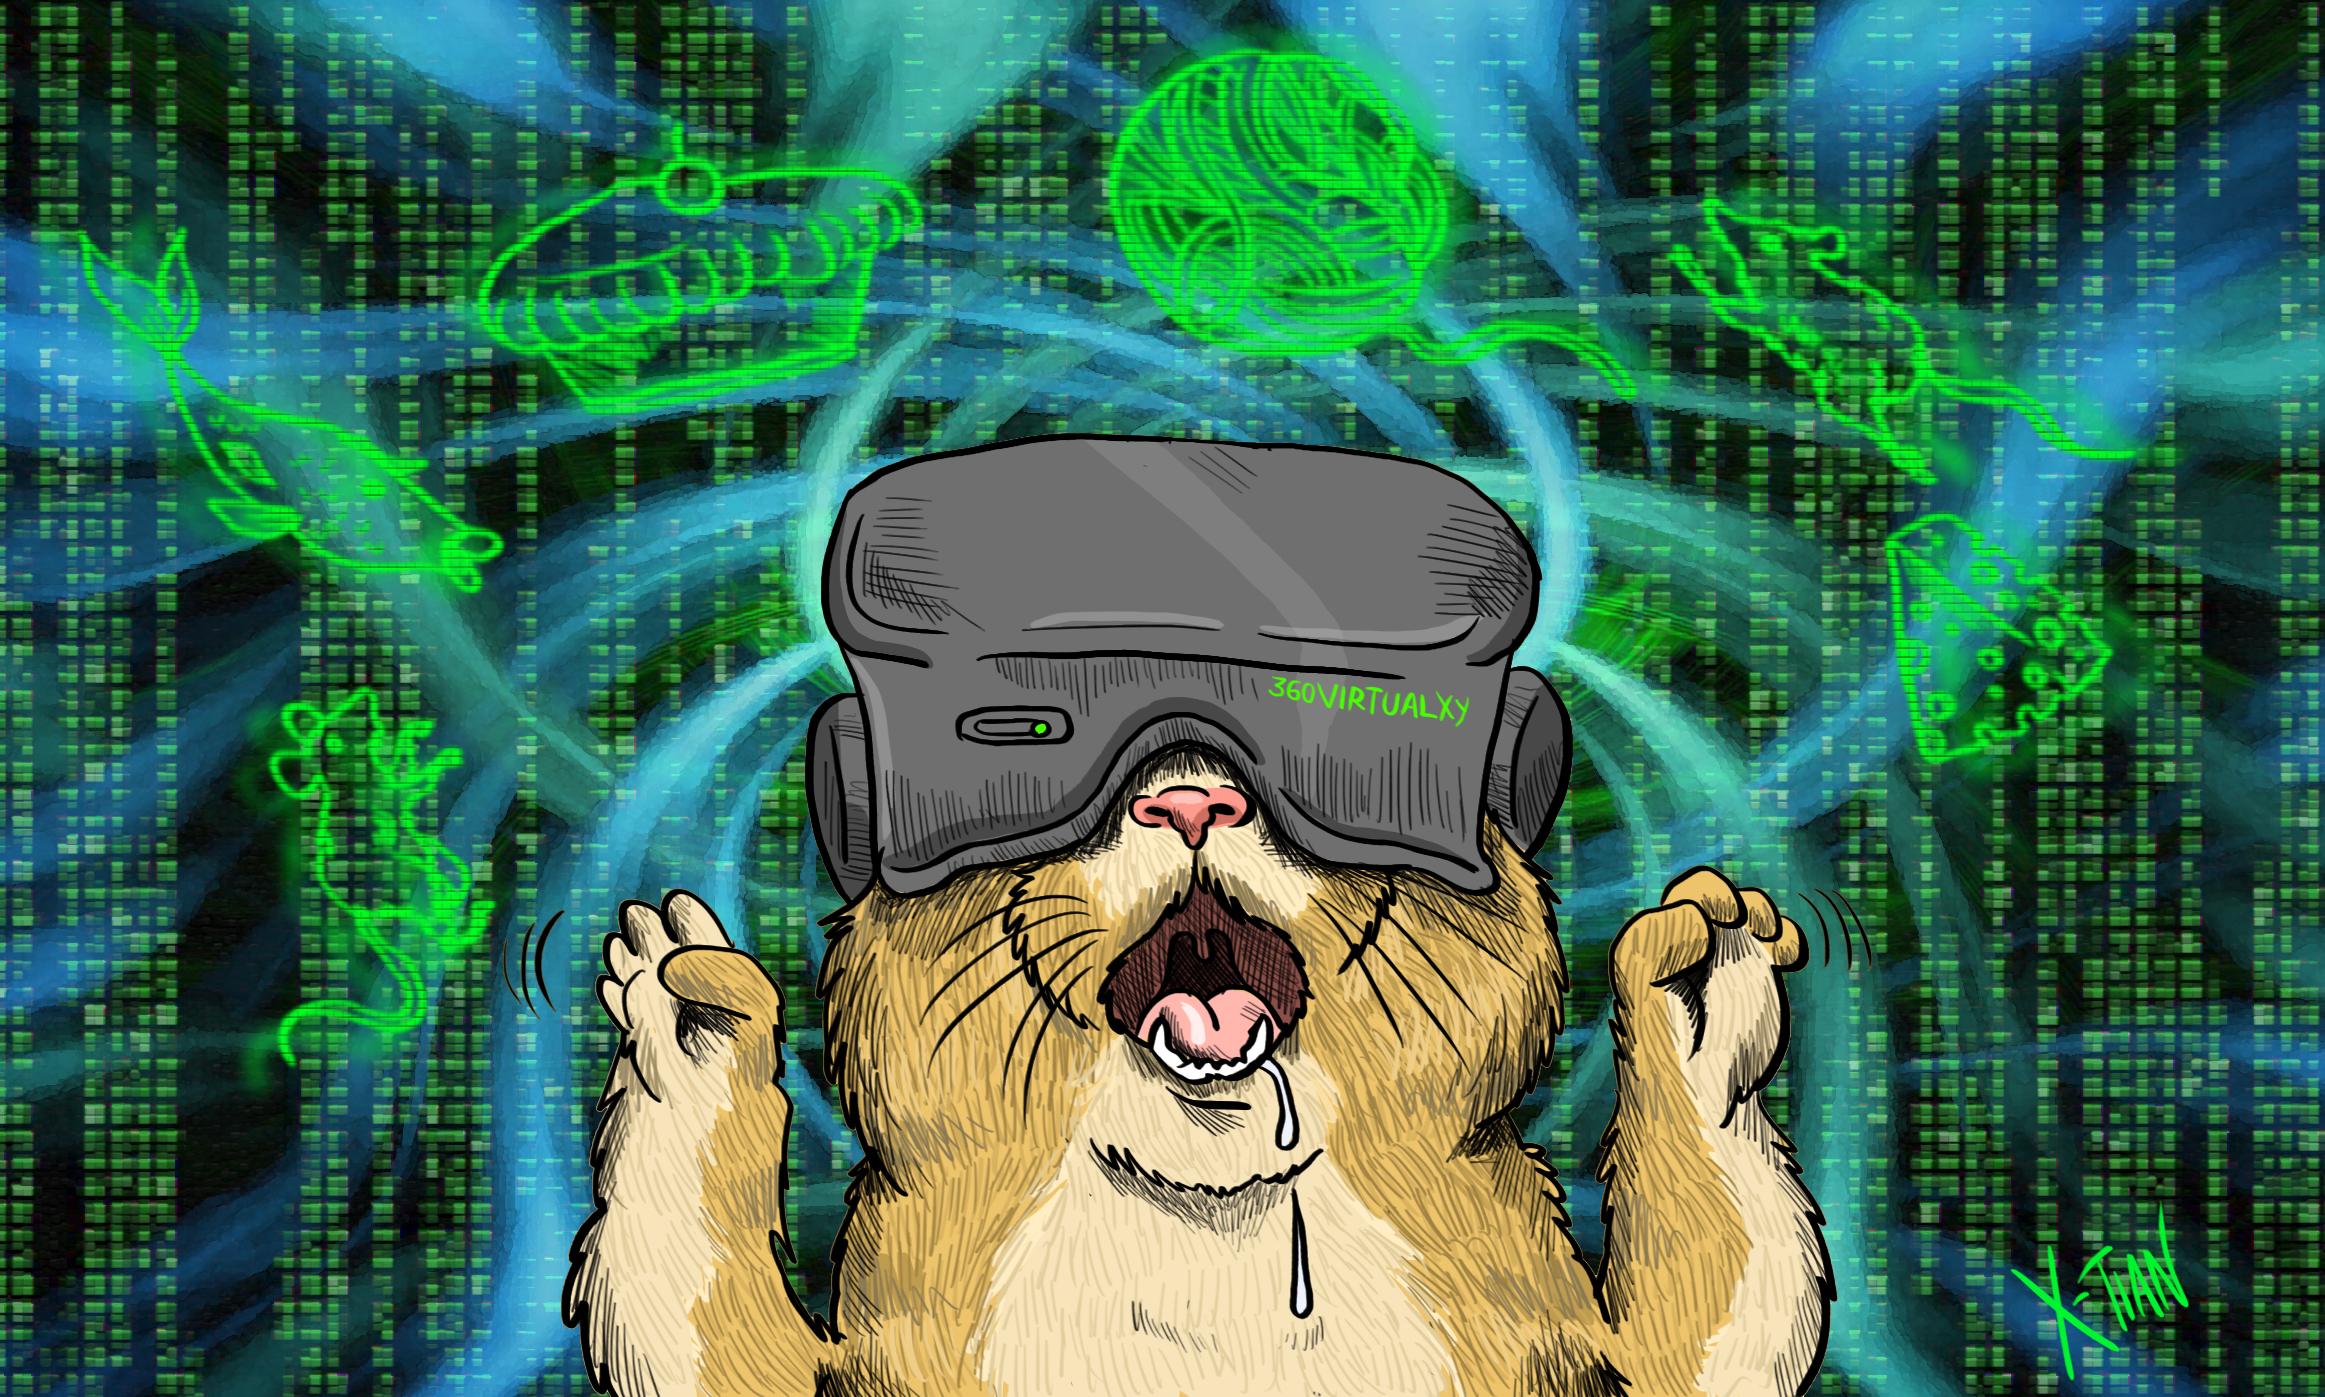 realidad virtual, realidad aumentada y realidad real, ilustración de X-Tian